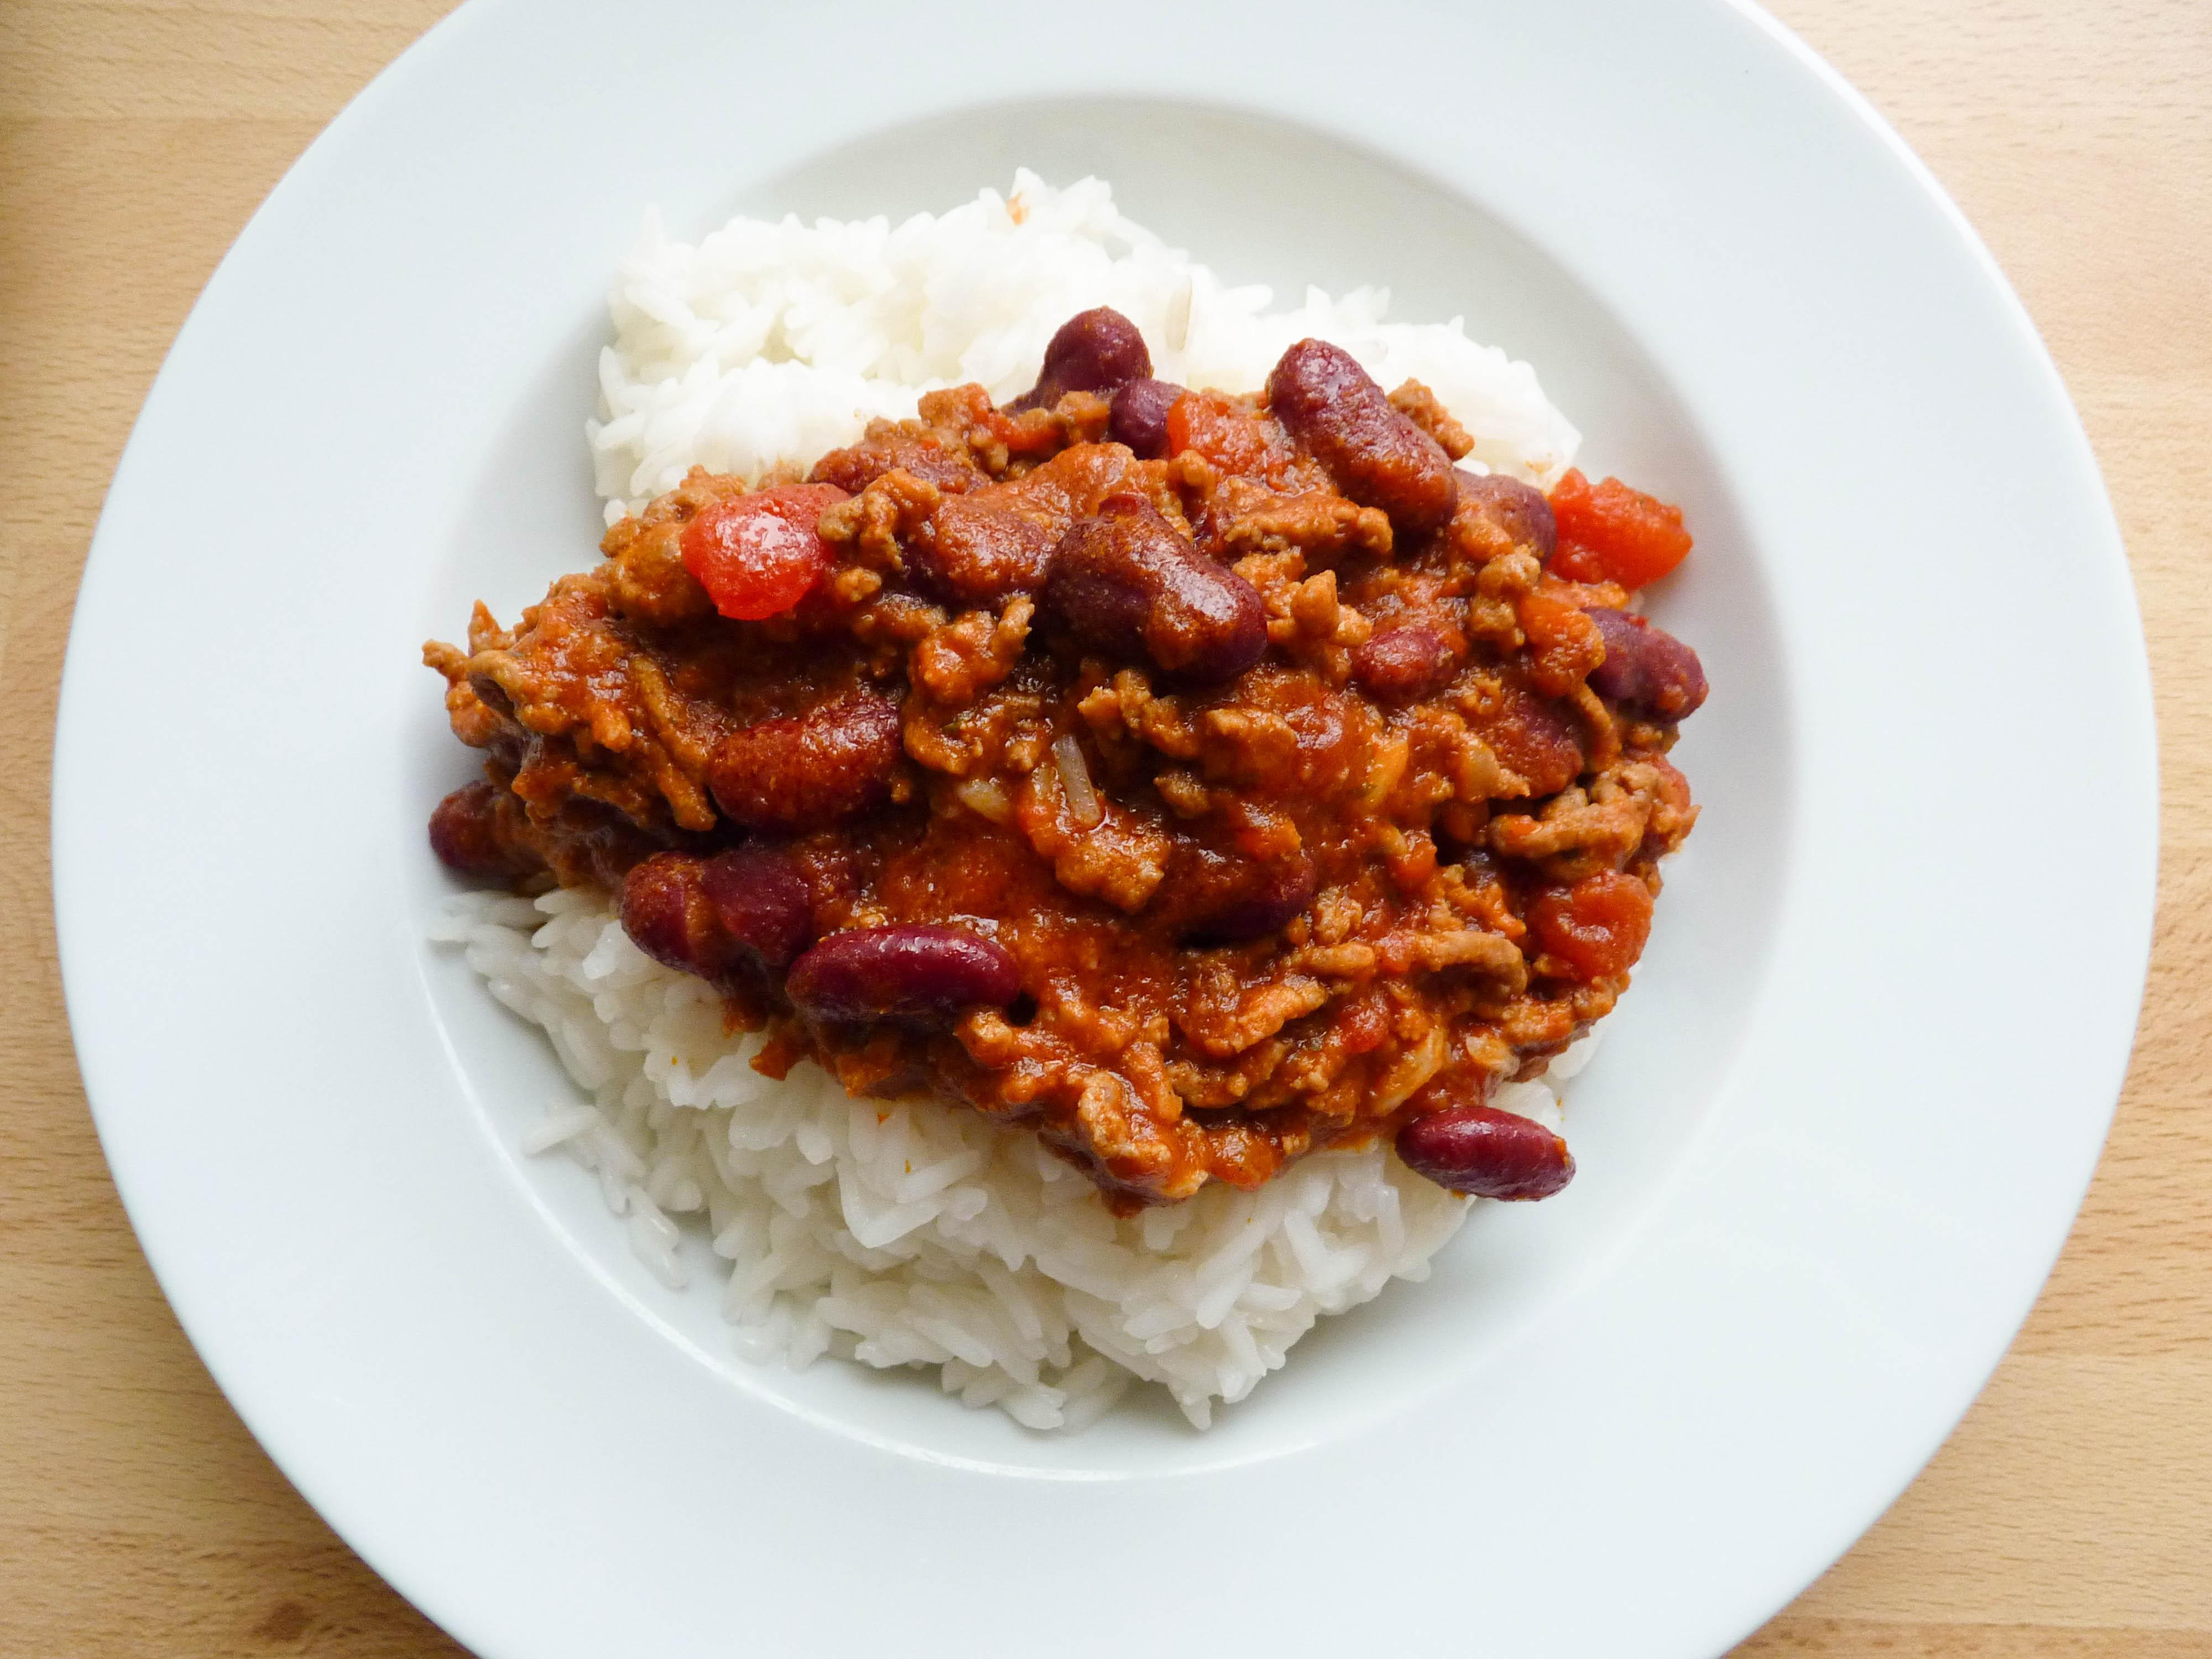 Chili con carne escarpins en cuisine - Recette chili cone carne thermomix ...